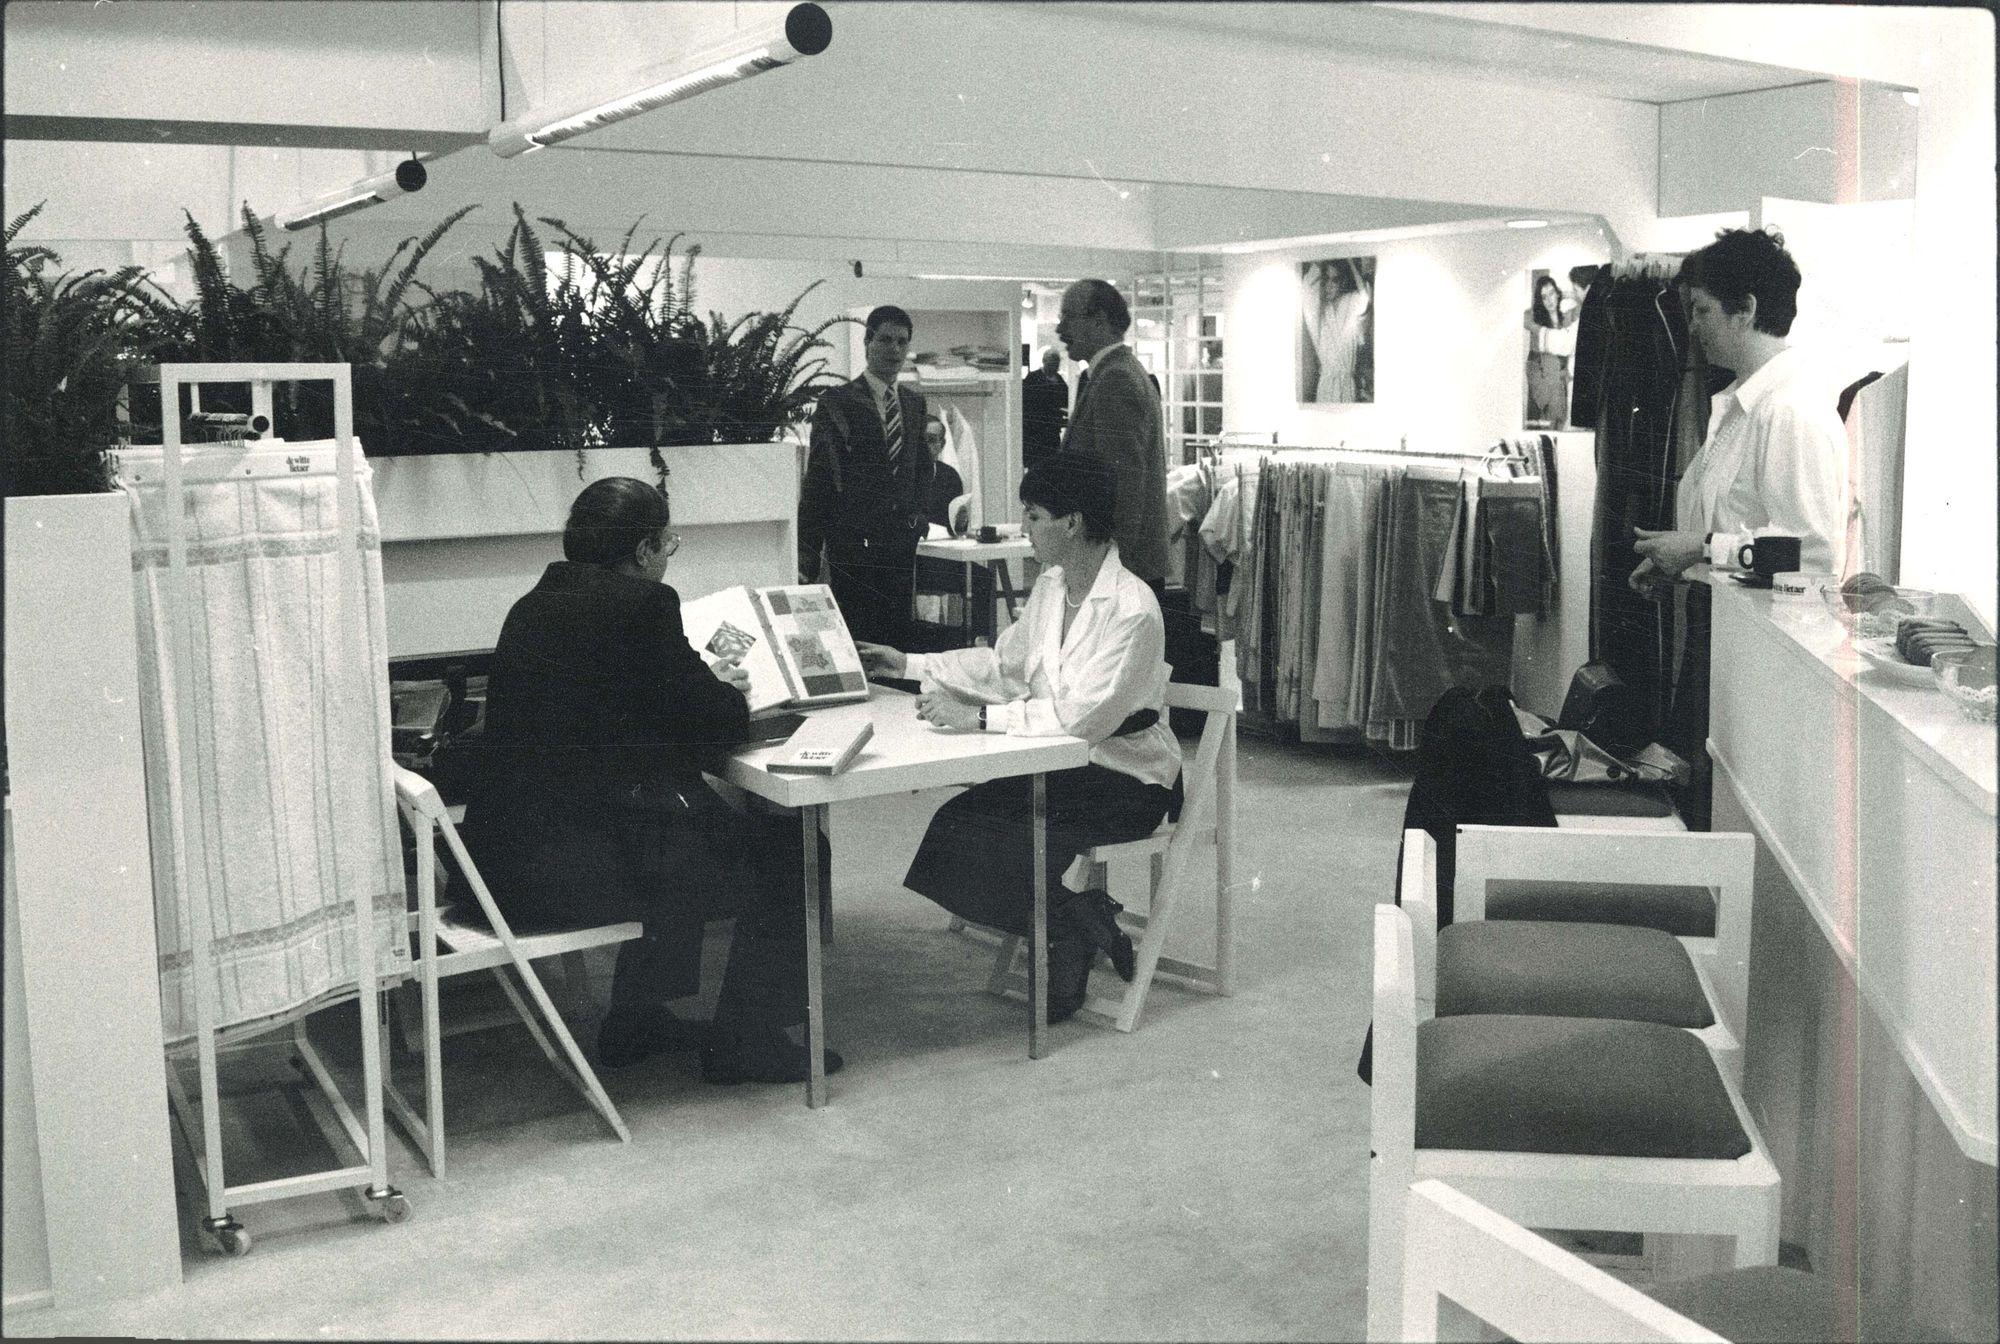 Heimtex '86 in Frankfurt 1986